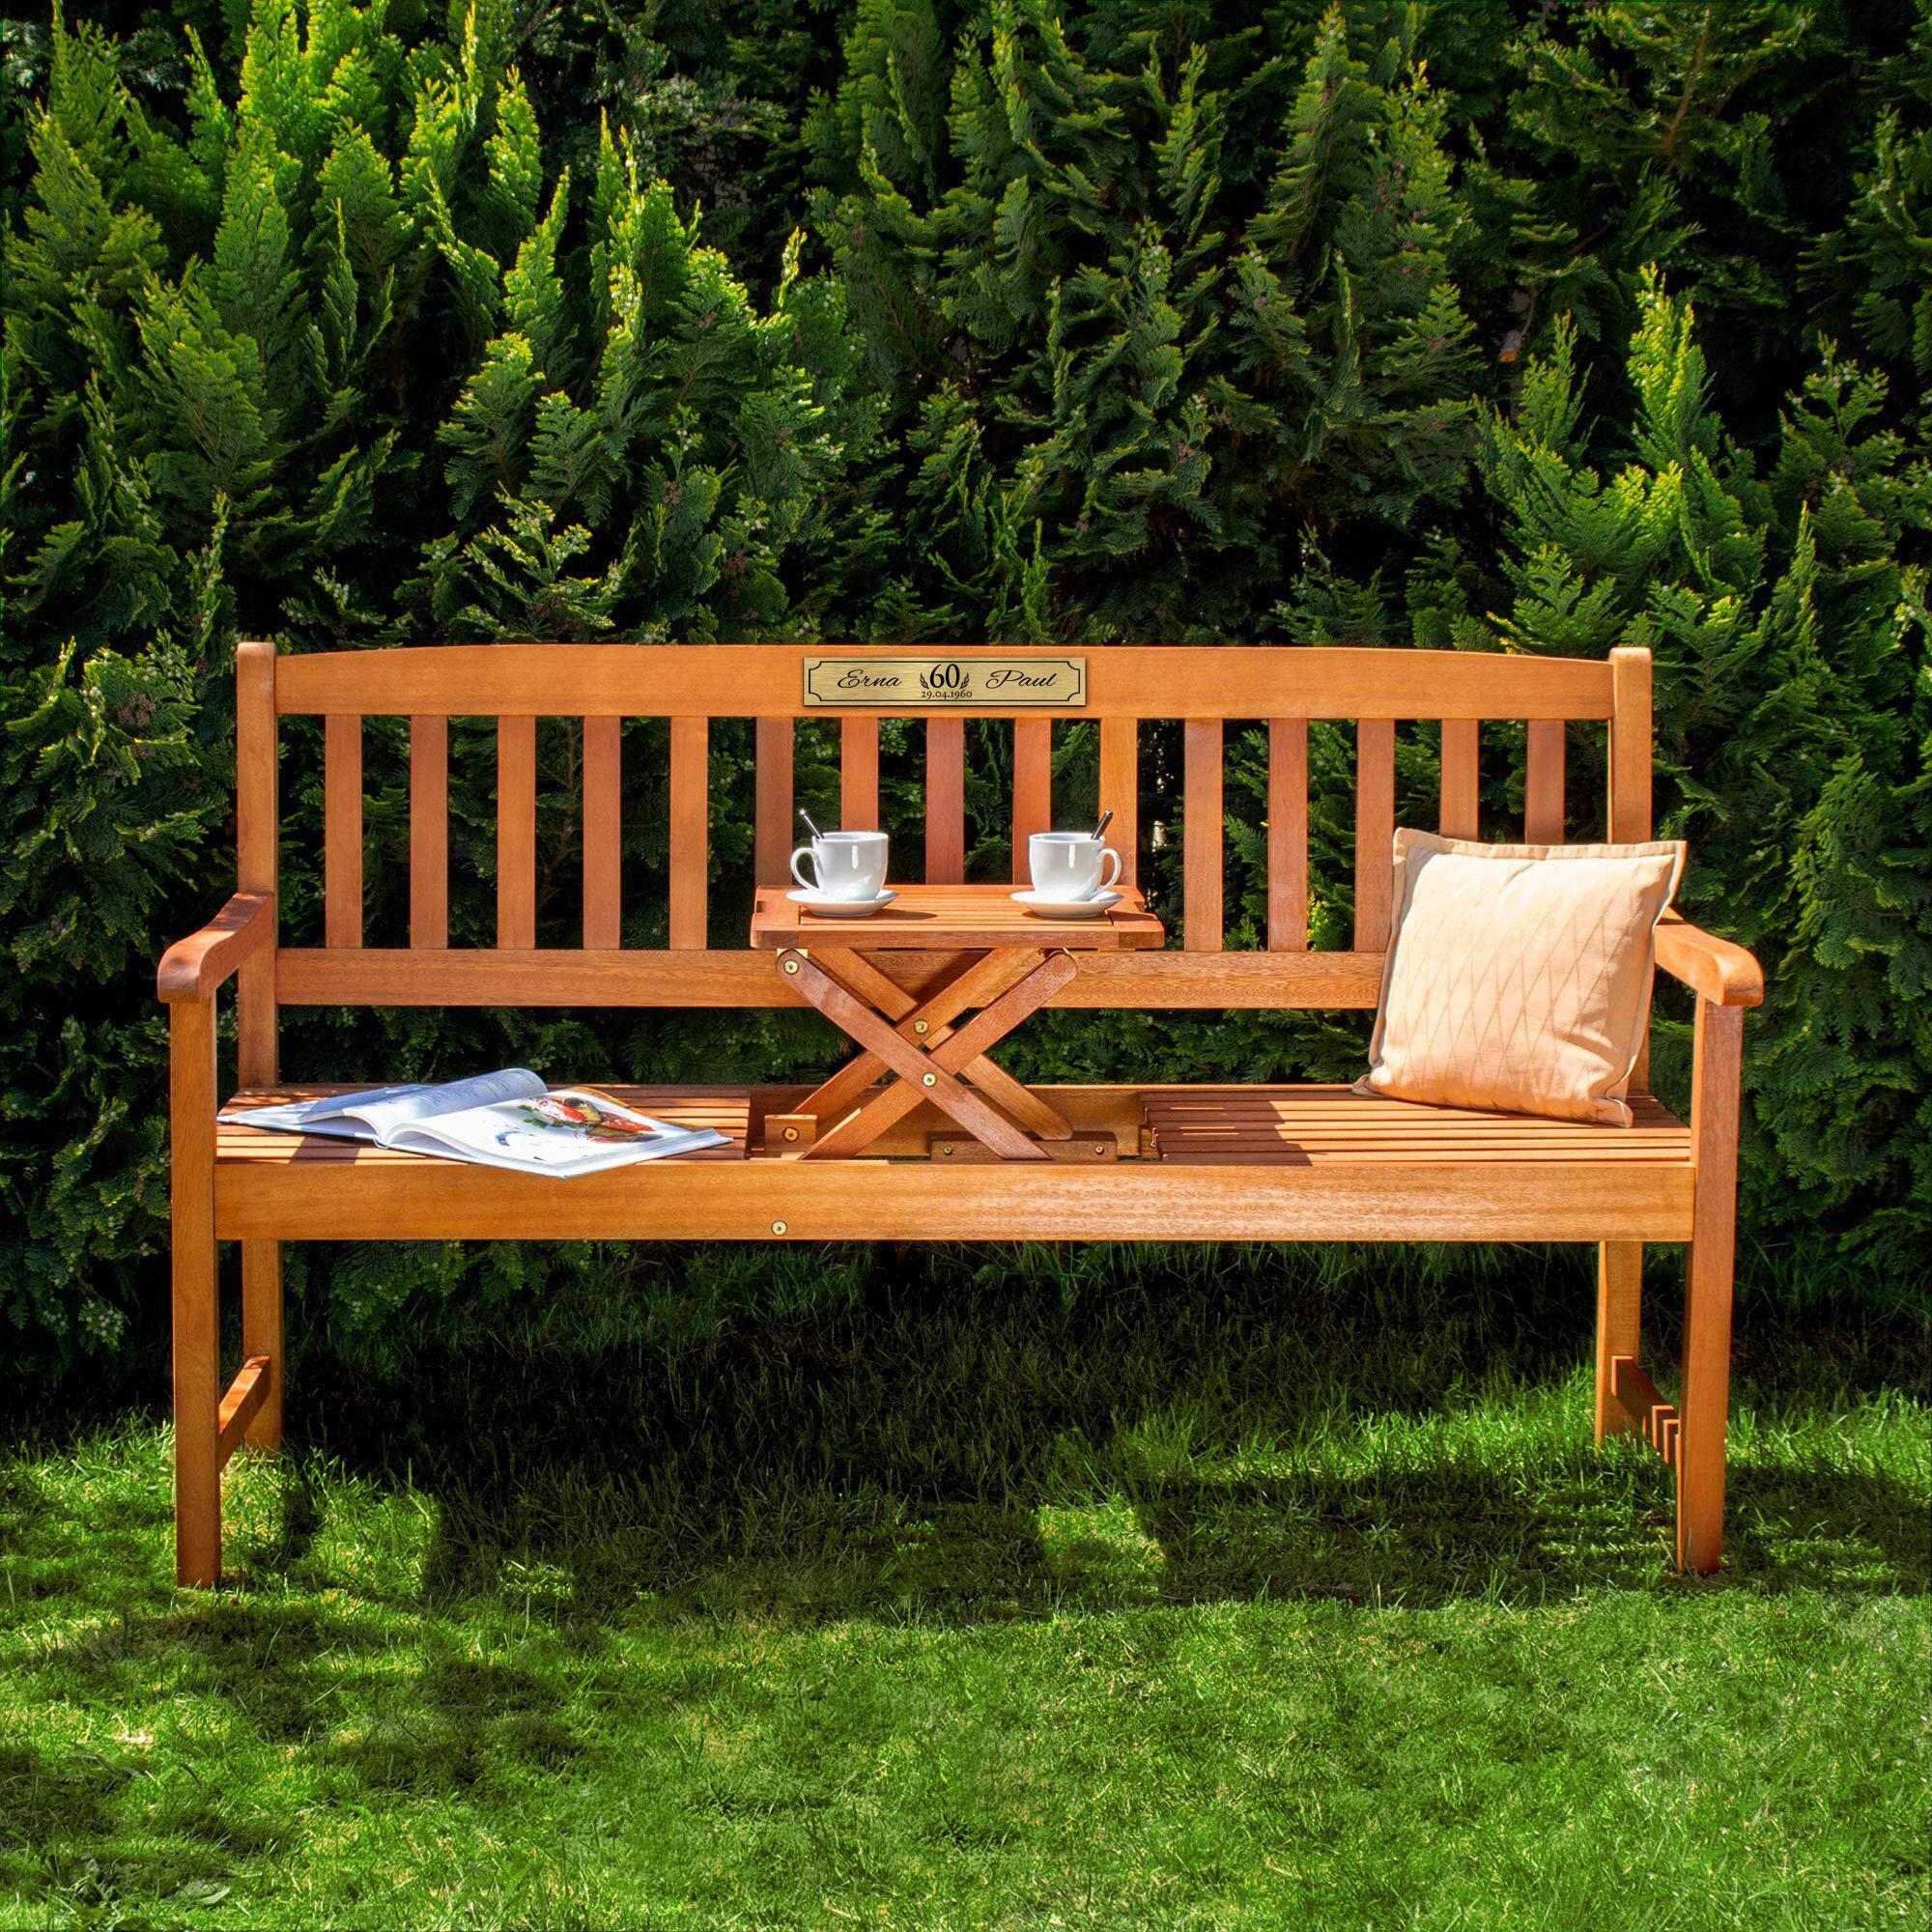 Gartenbank zur Diamanthochzeit aus Holz mit personalisierter Plakette